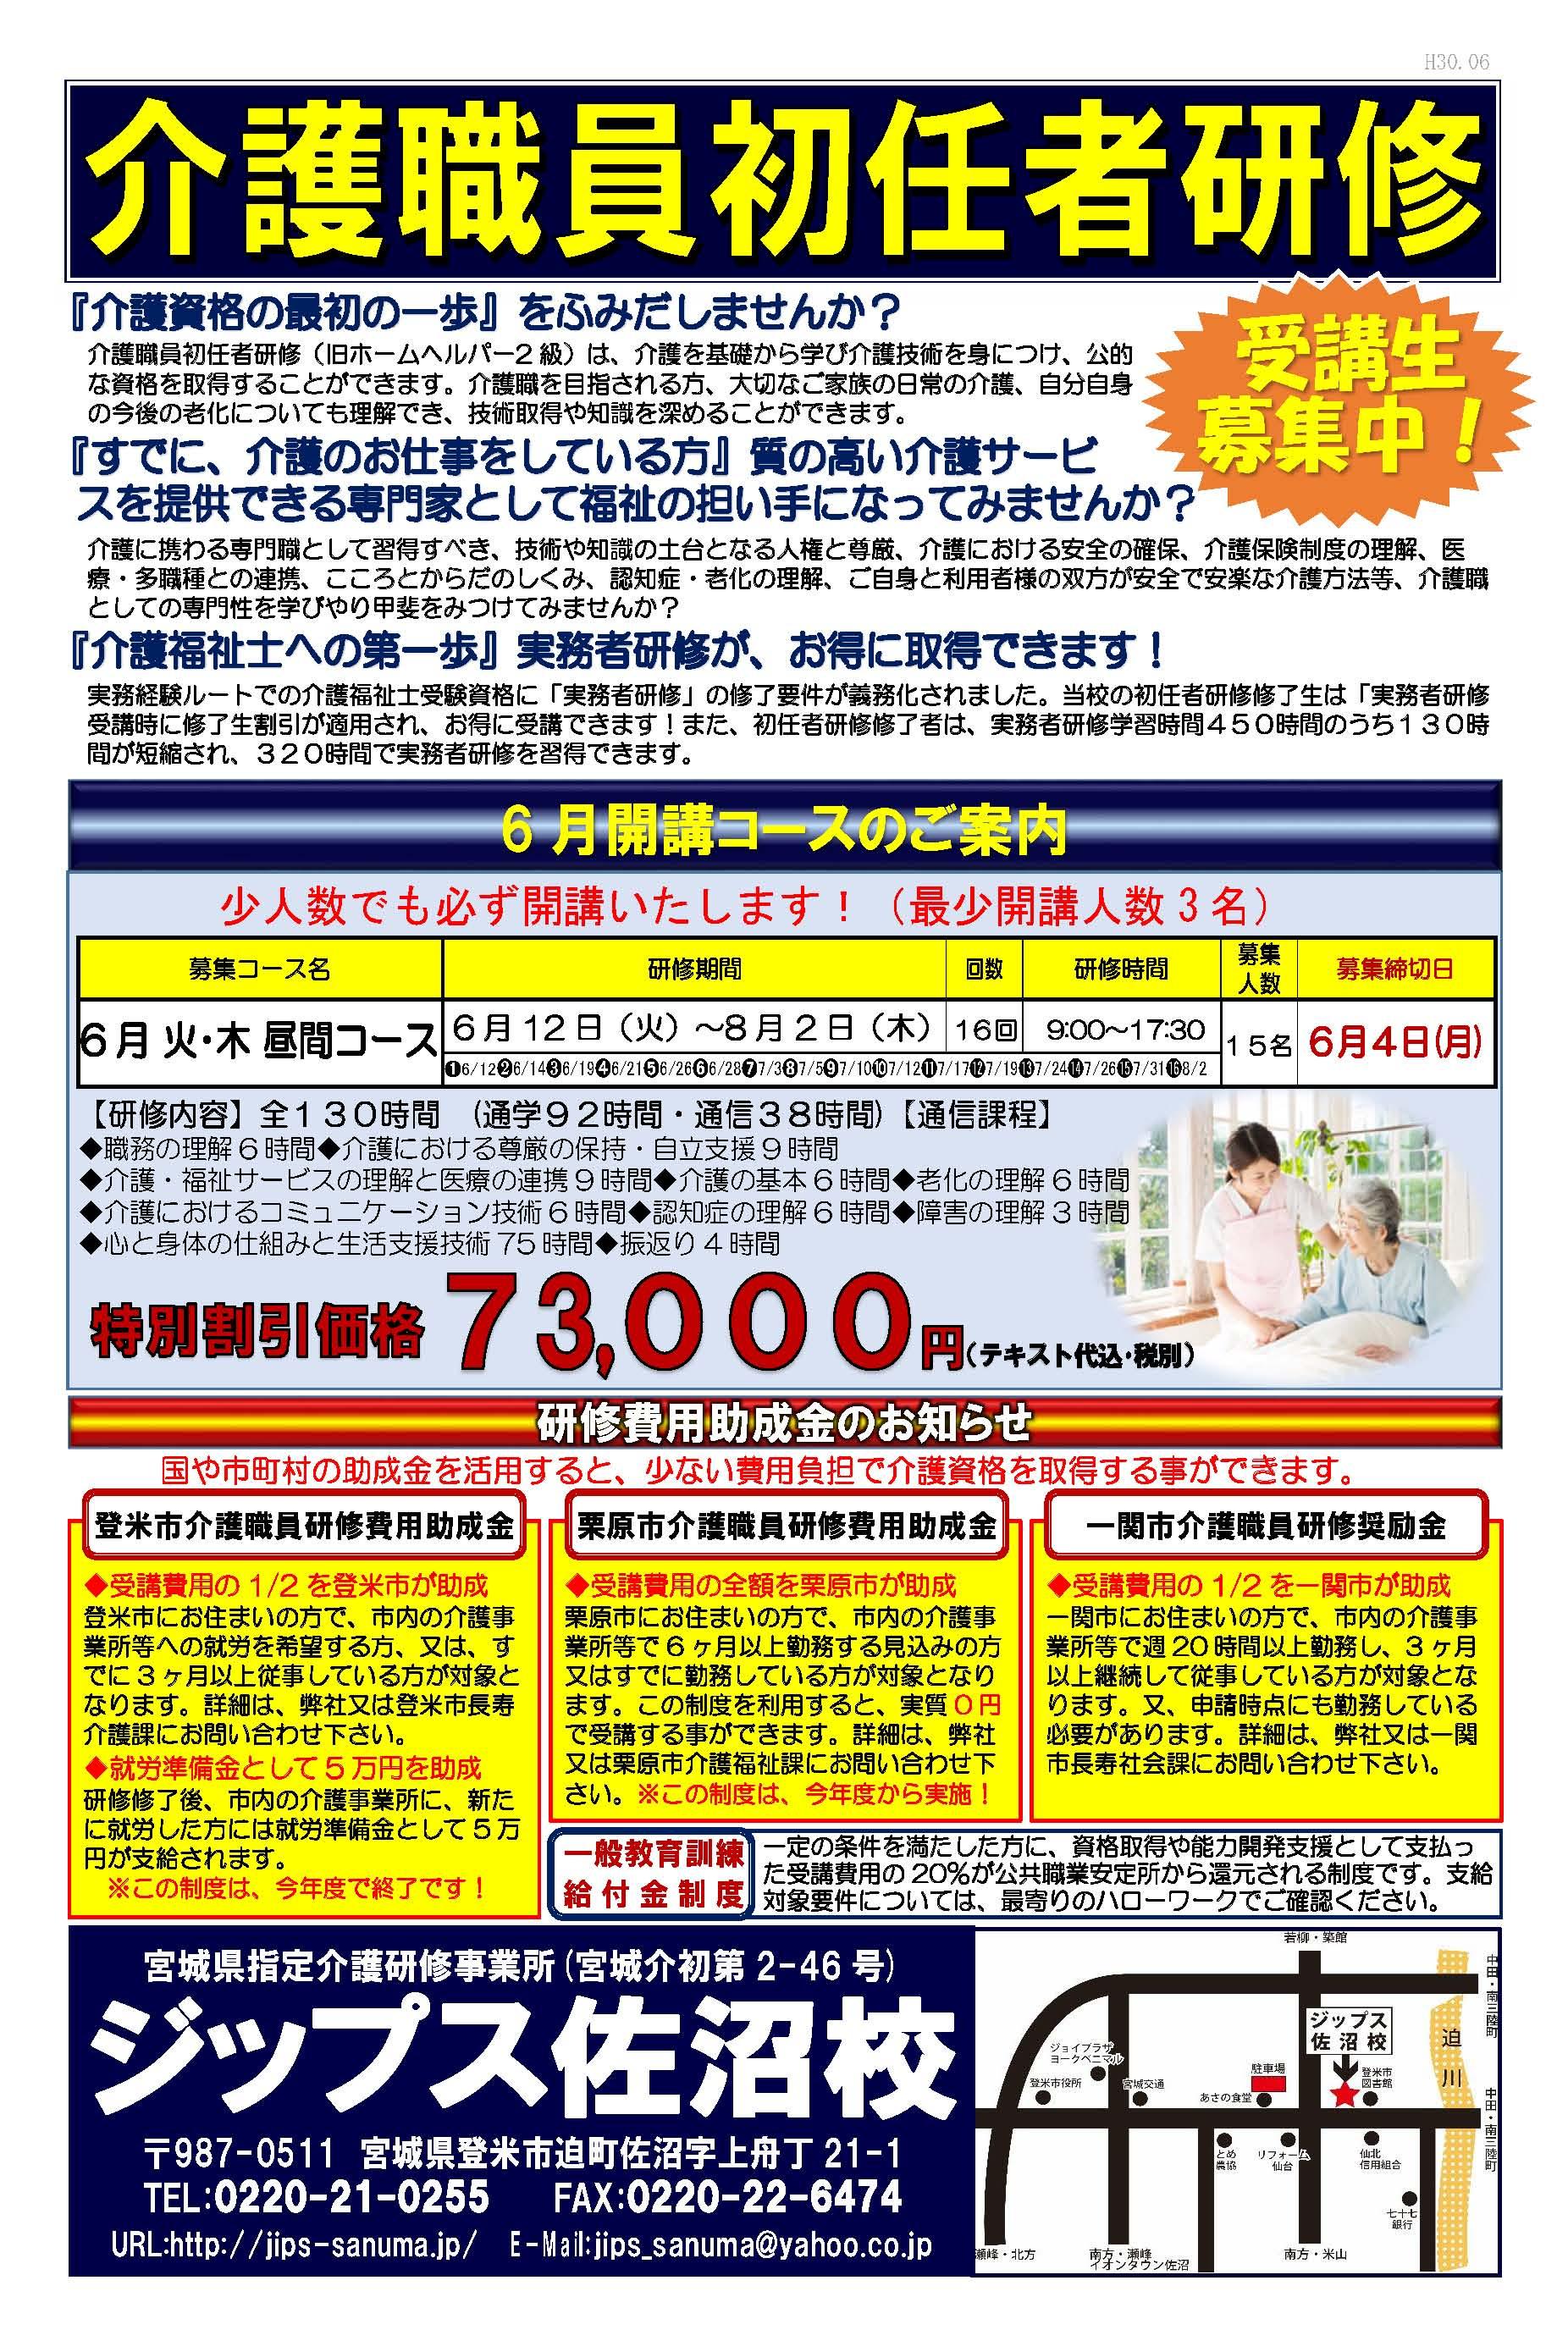 初任者研修募集チラシH30年6月(総合)_ページ_1